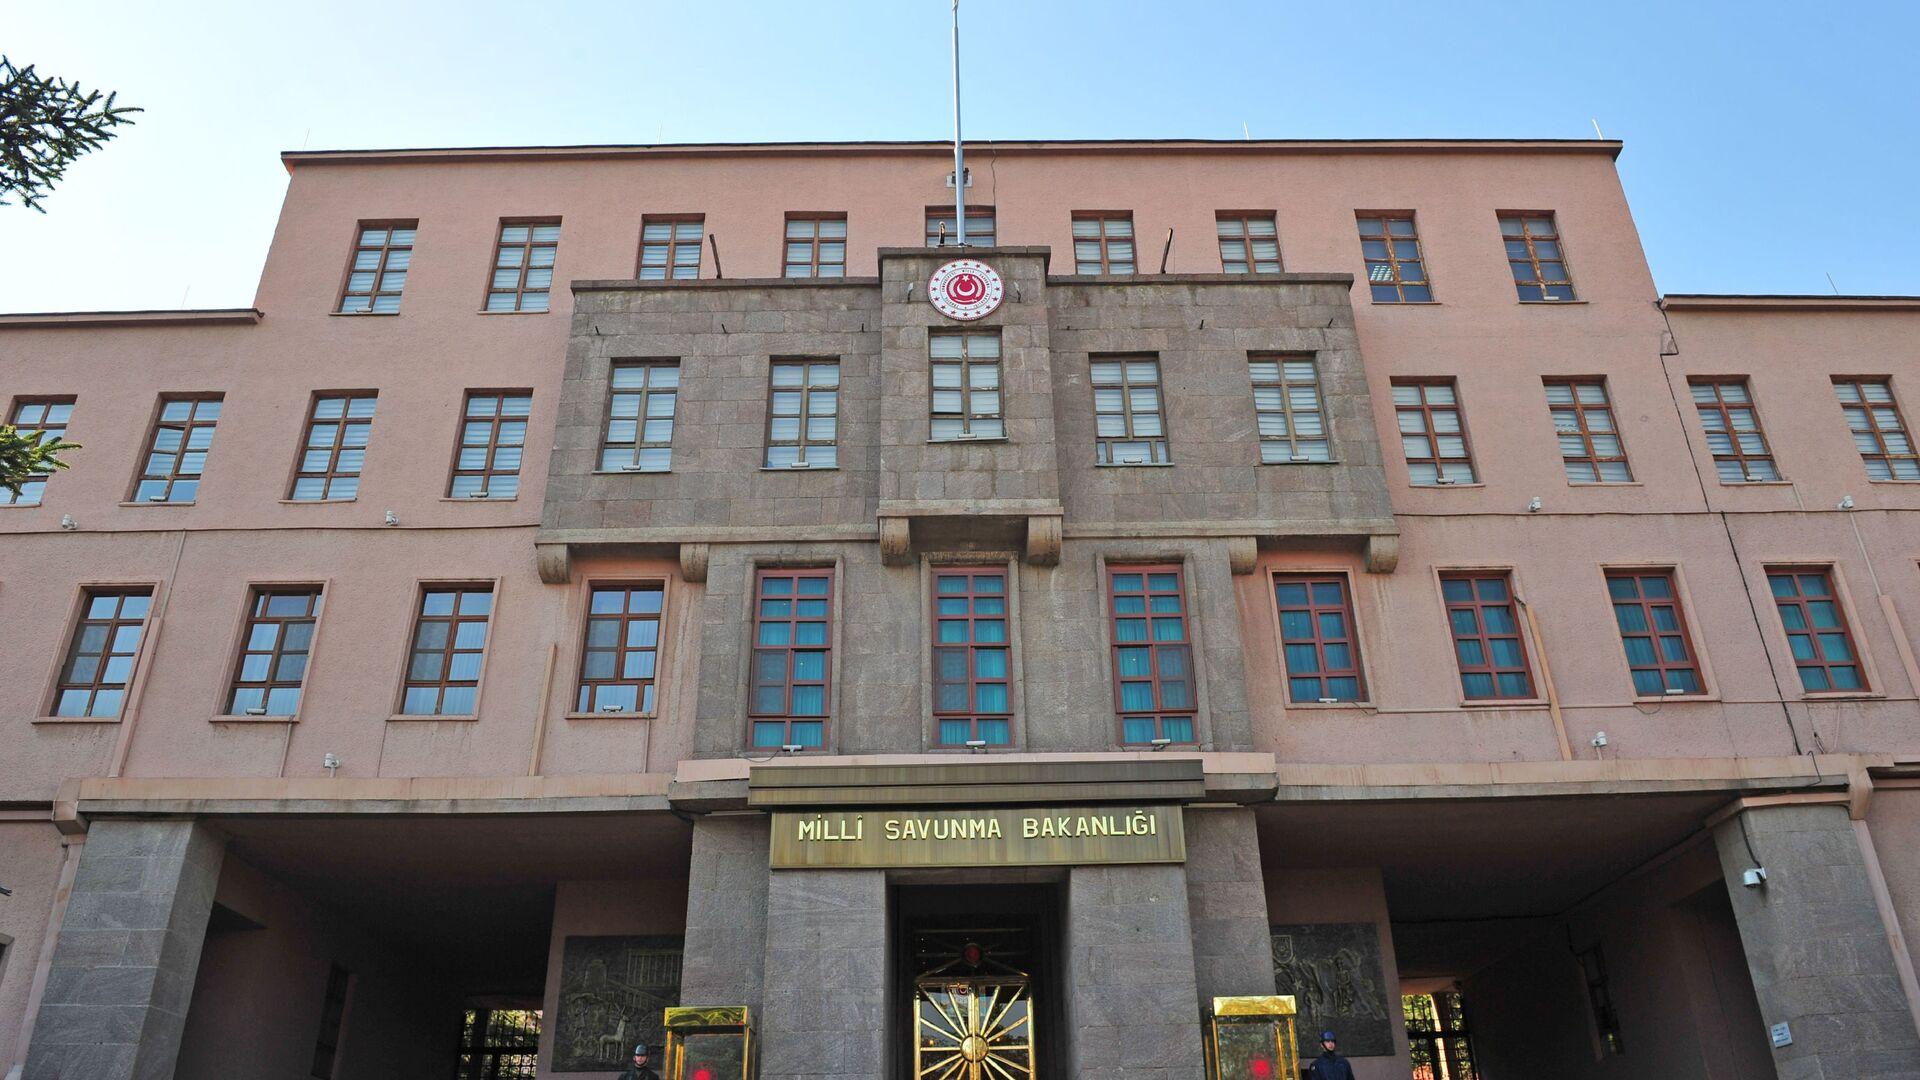 Milli Savunma Bakanlığı (MSB) - Sputnik Türkiye, 1920, 14.04.2021